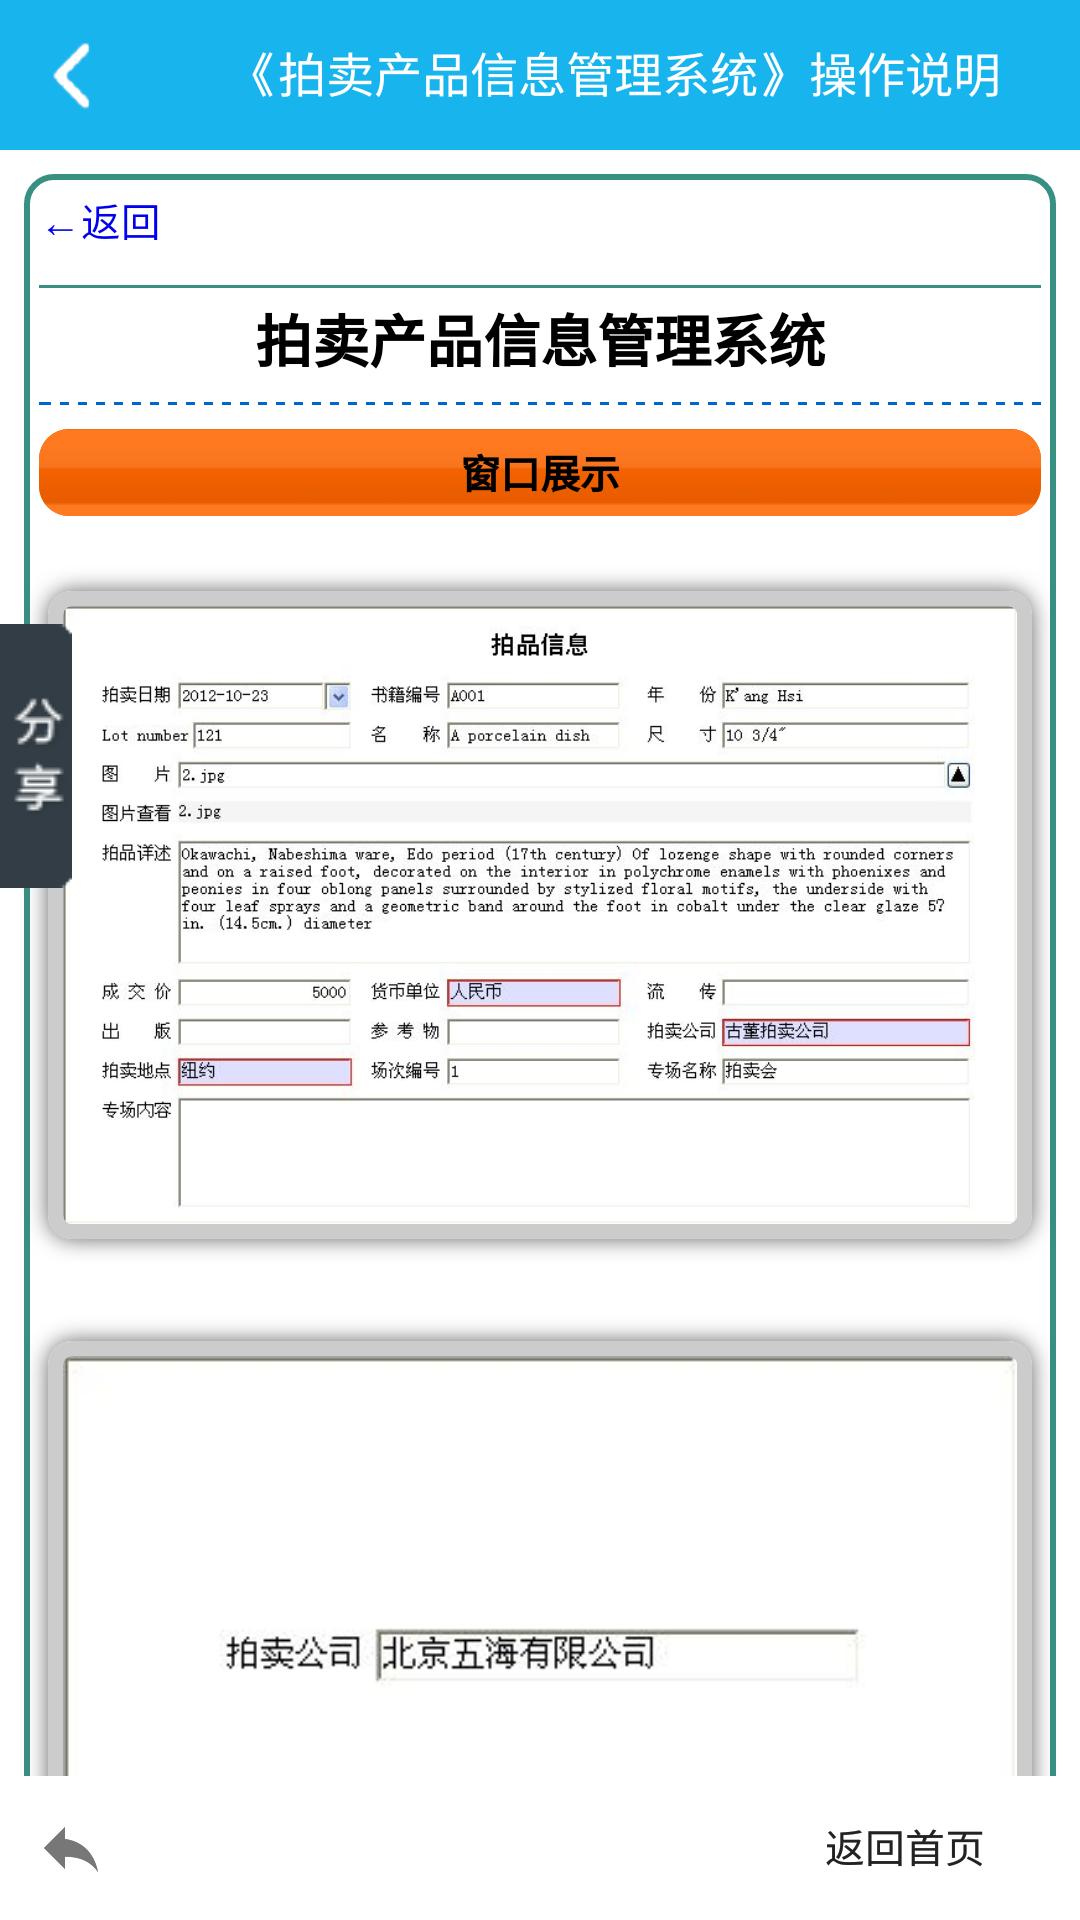 拍卖产品信息管理系统